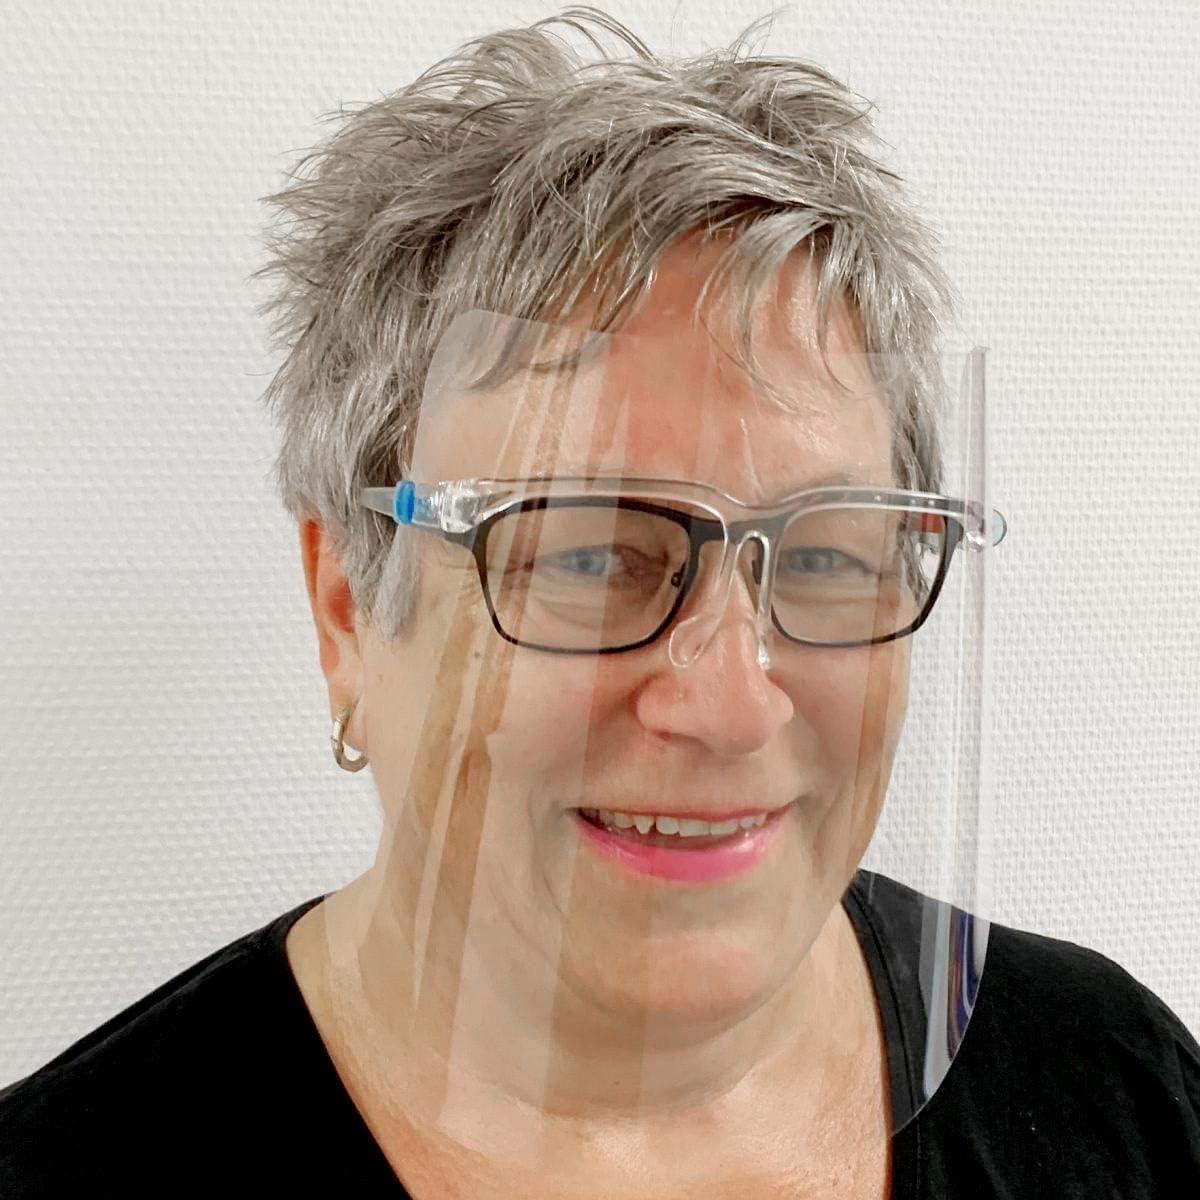 10 St/ück Gesichtsschild Face Shield Schutzvisier Brillenschild mit Brillengestell Mundschutz(4 freie Handschuhe) Vakuumverpackung